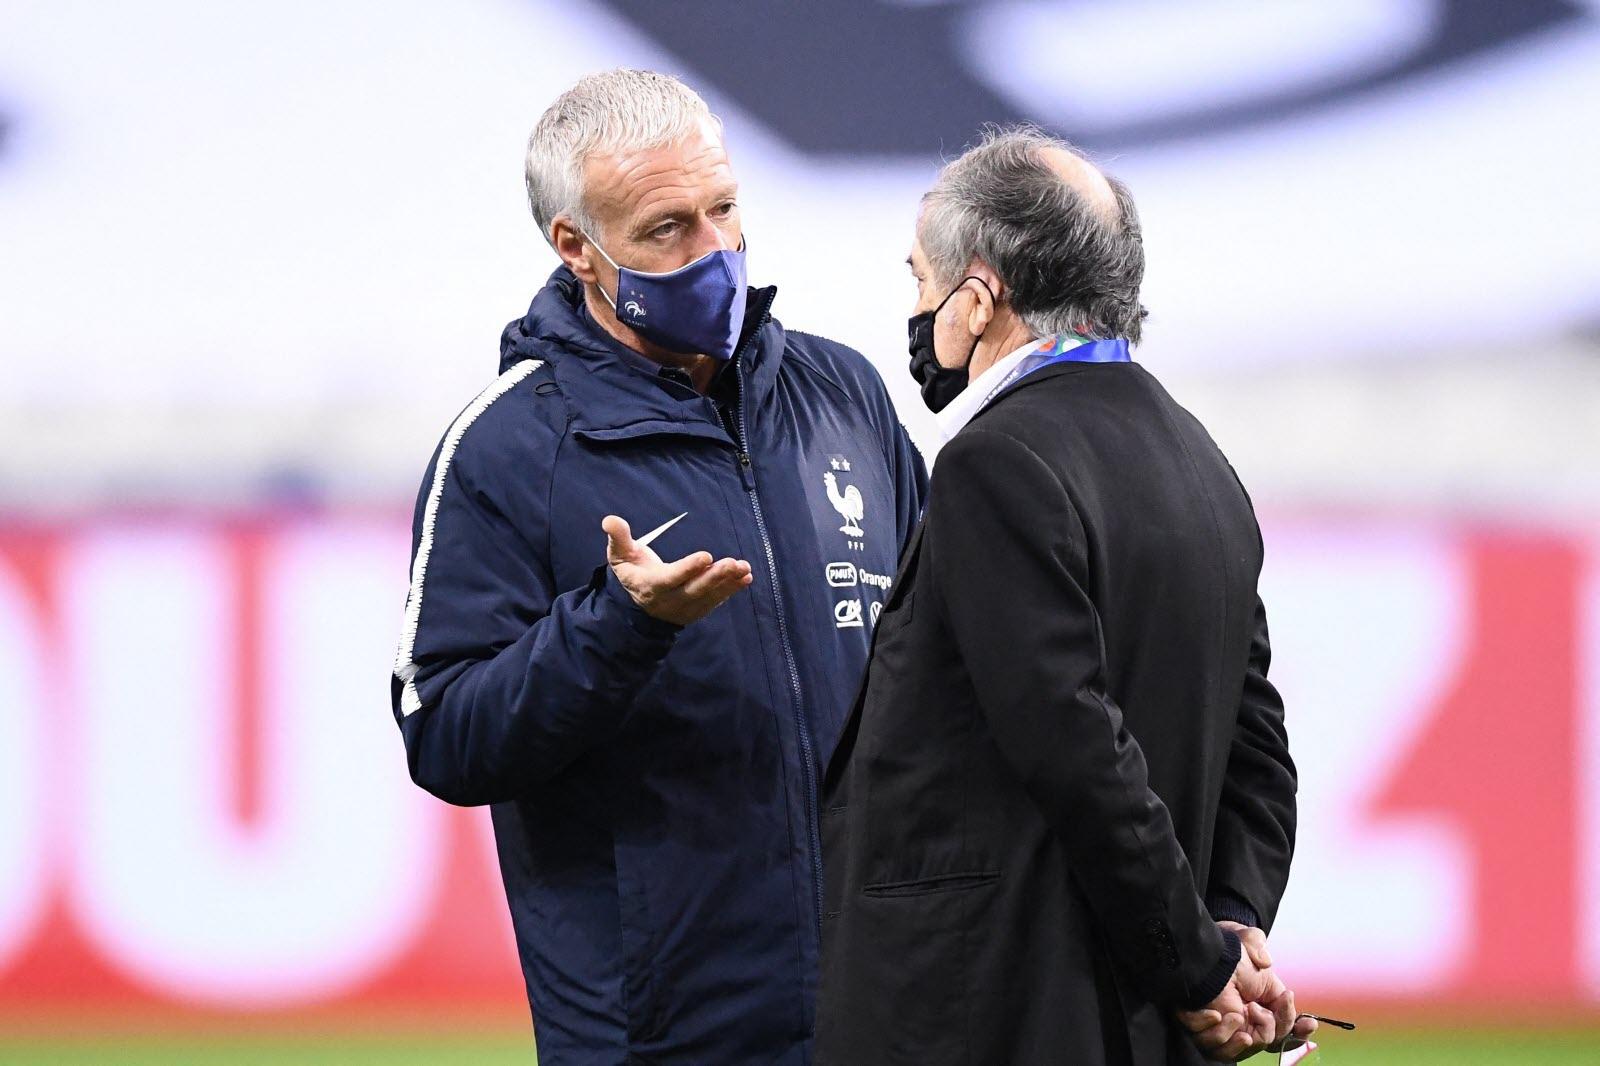 Deschamps memutuskan untuk berbicara dengan Benzema setelah FFF dan Le Graet (kanan) menyetujui kebijakan tersebut pada Maret.  Foto: AFP